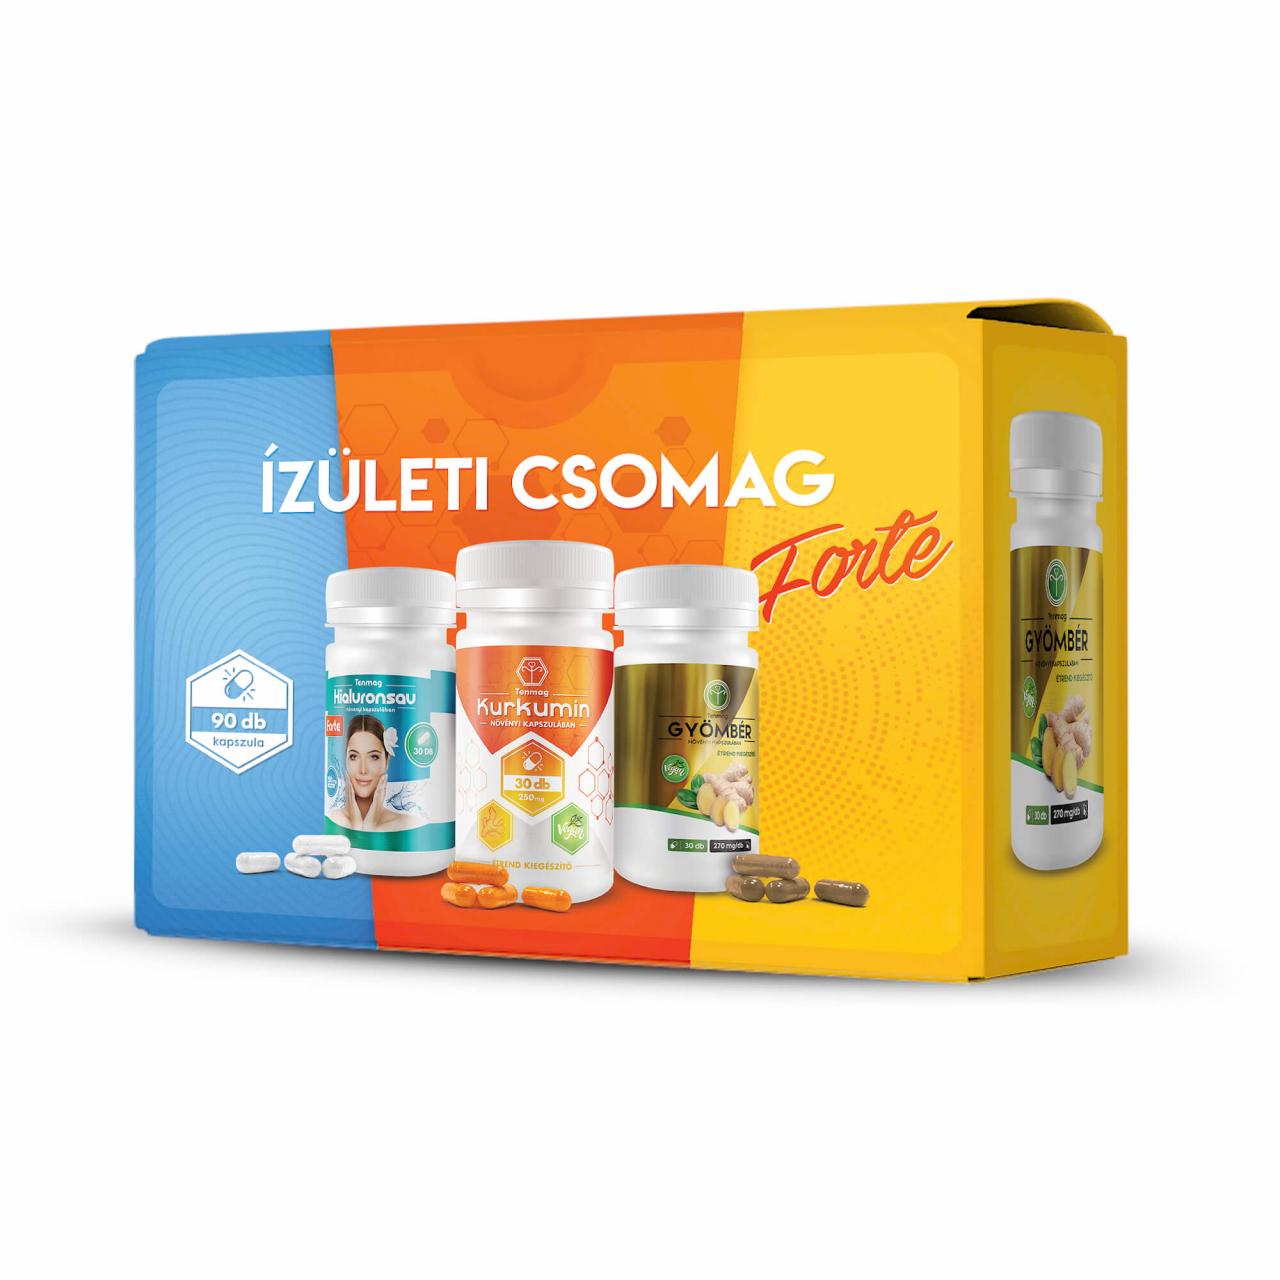 Ízületvédő tabletták: ezek a hatóanyagok fontosak